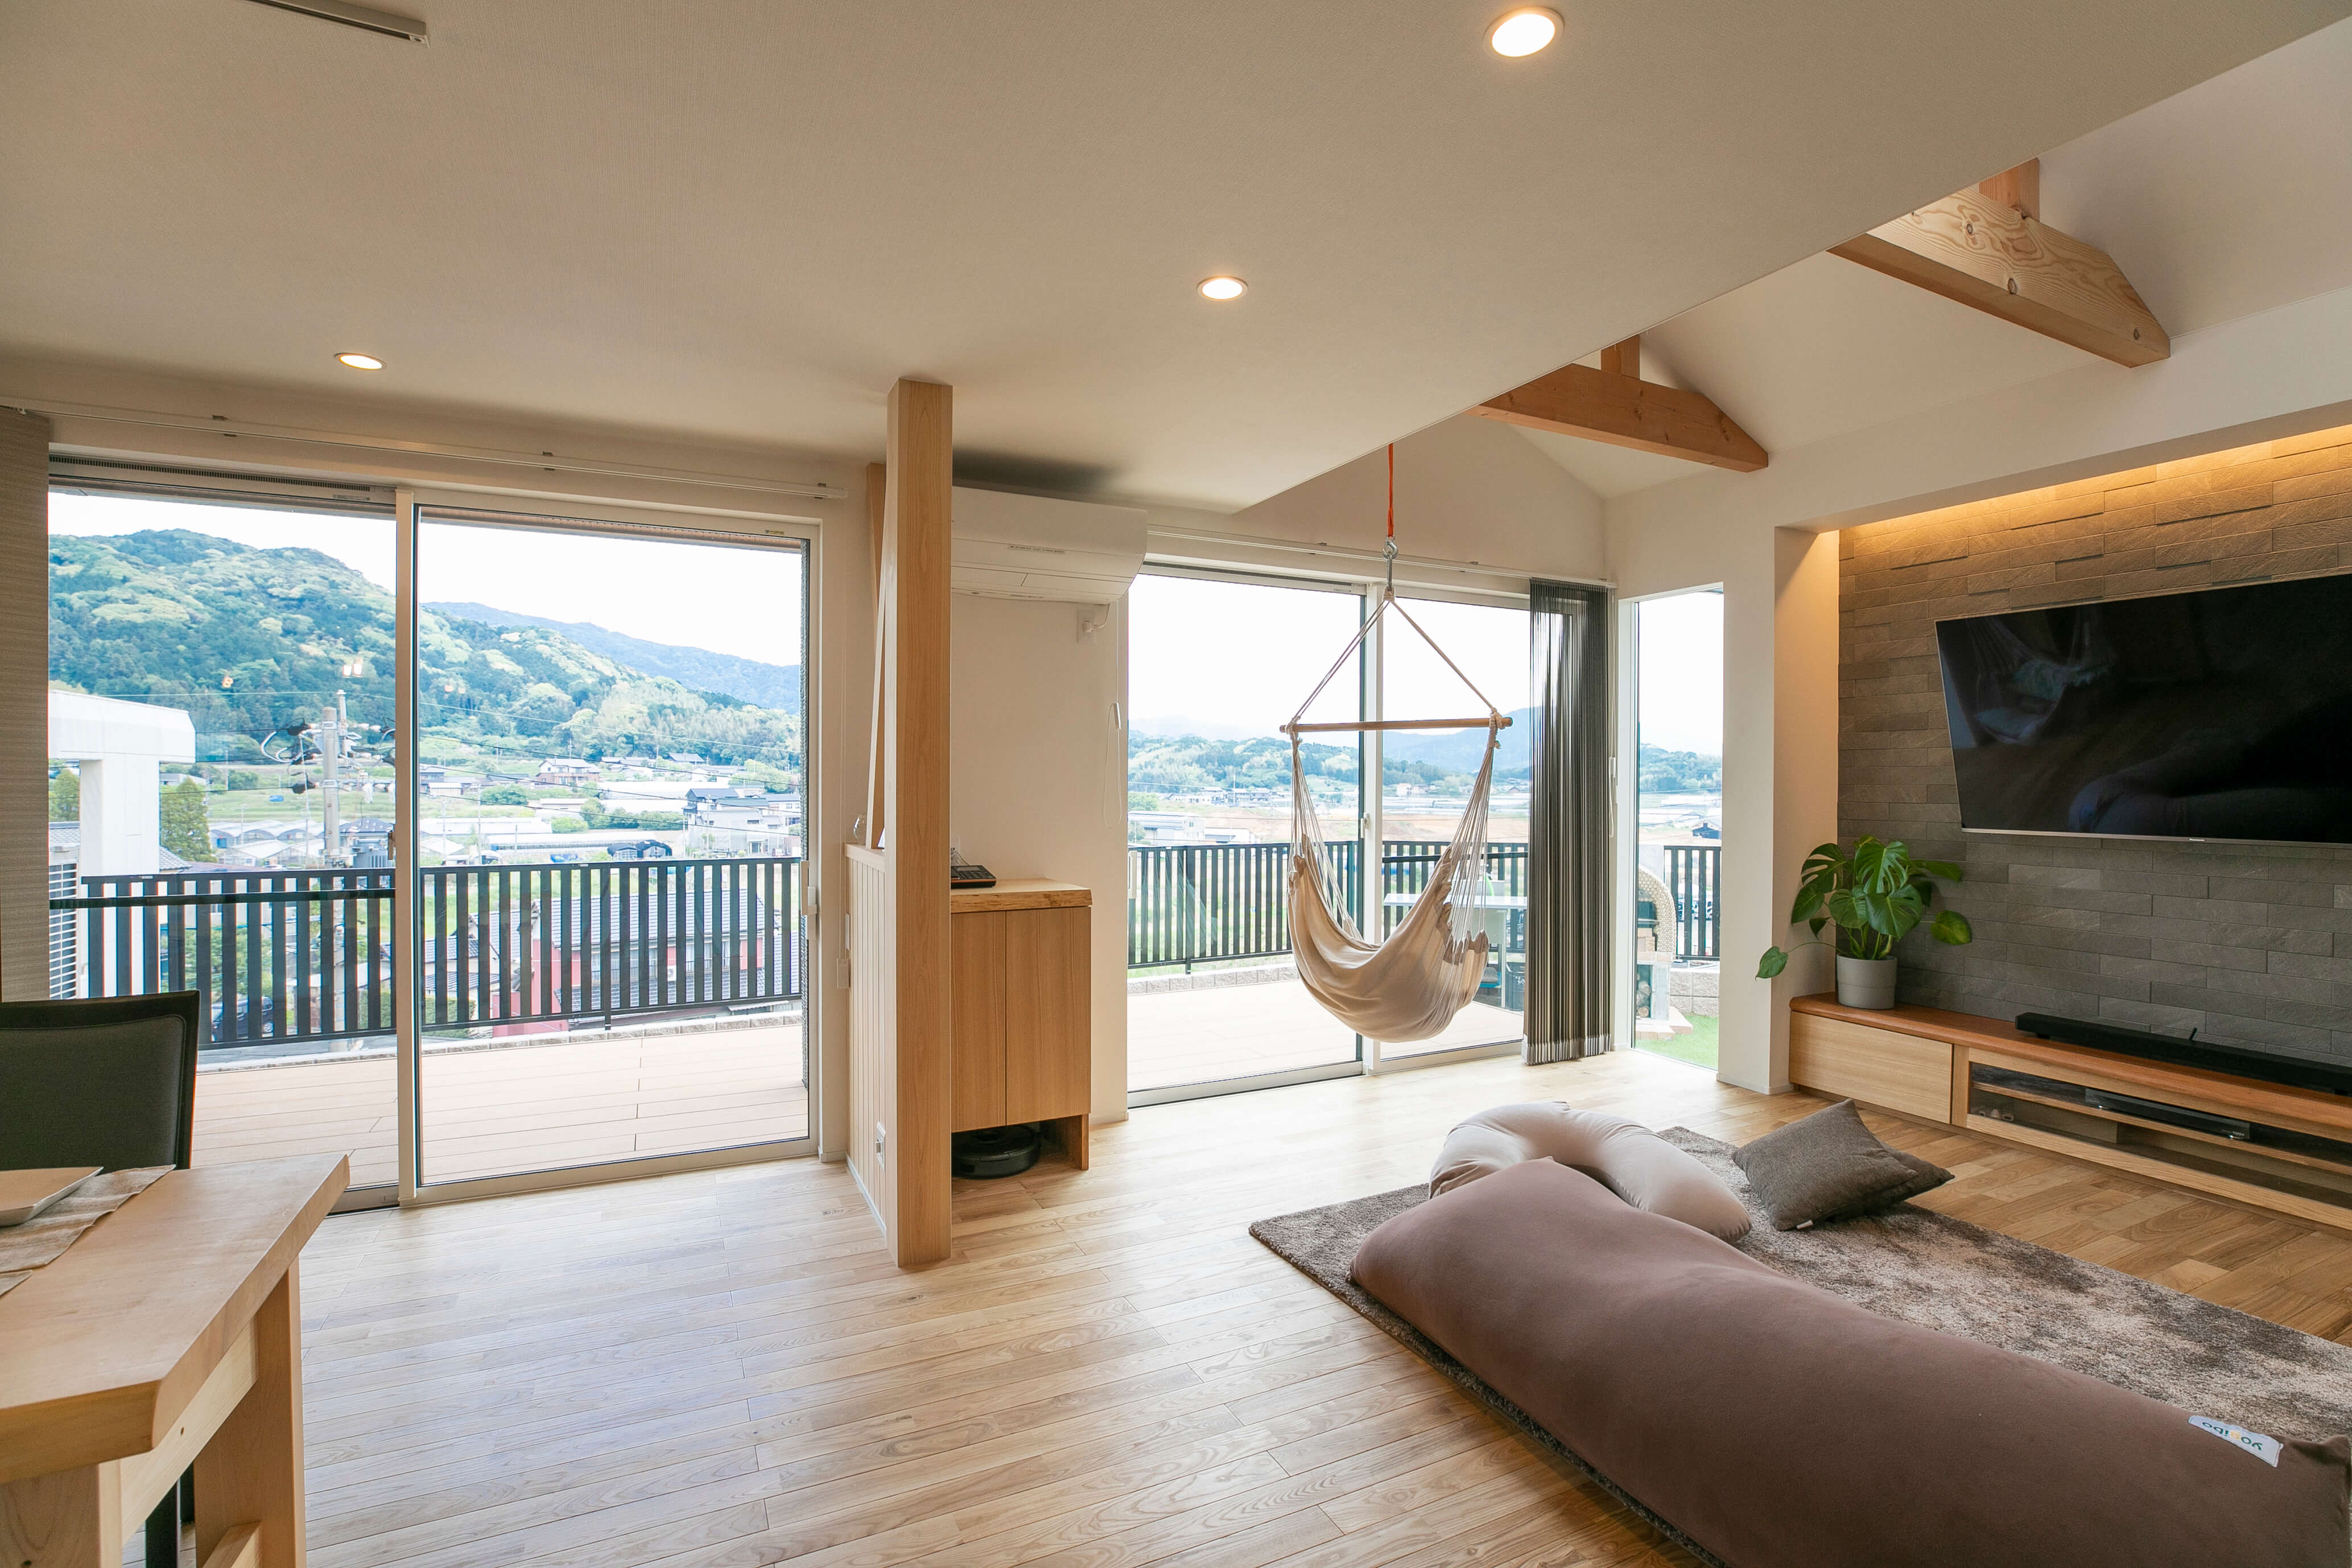 |安水建設|愛知県三河エリアの木造注文住宅・リフォーム安水=木→ぬくもり・癒し